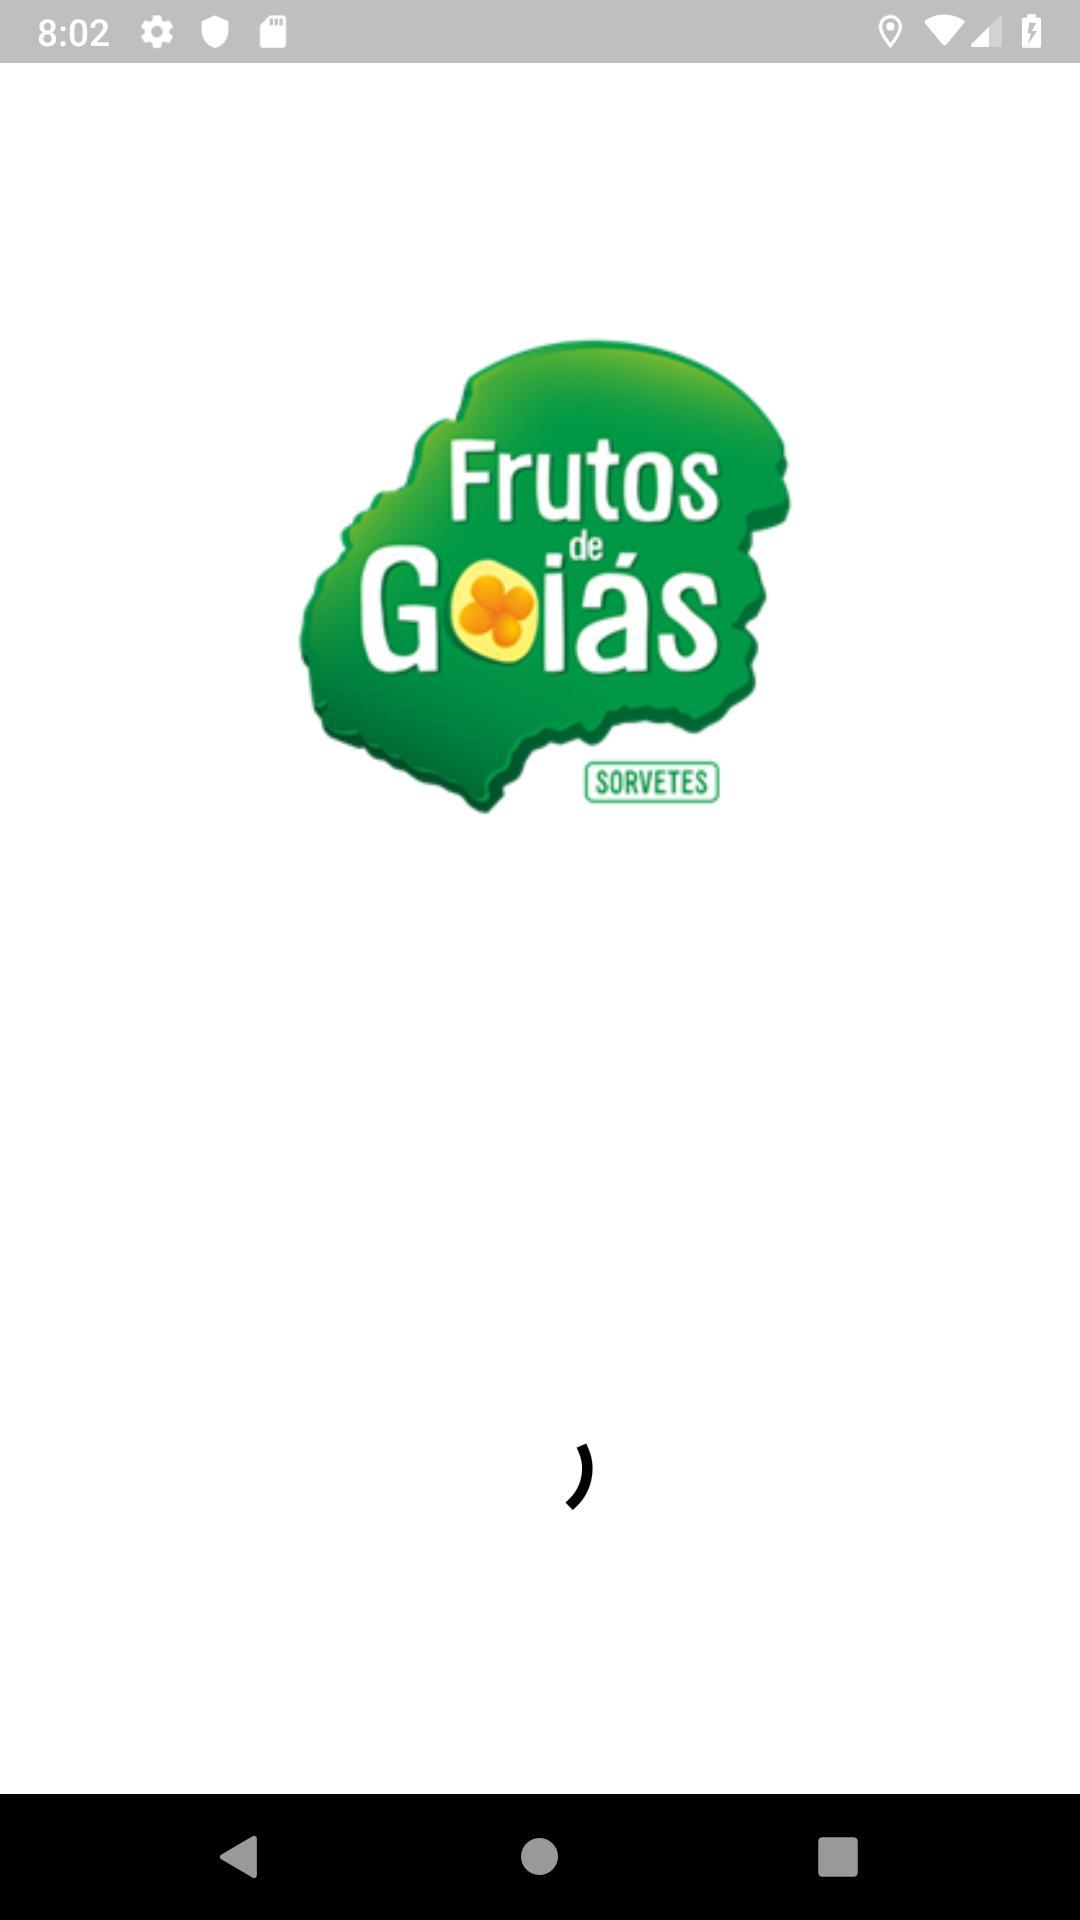 Frutos de Goiás Marataízes poster